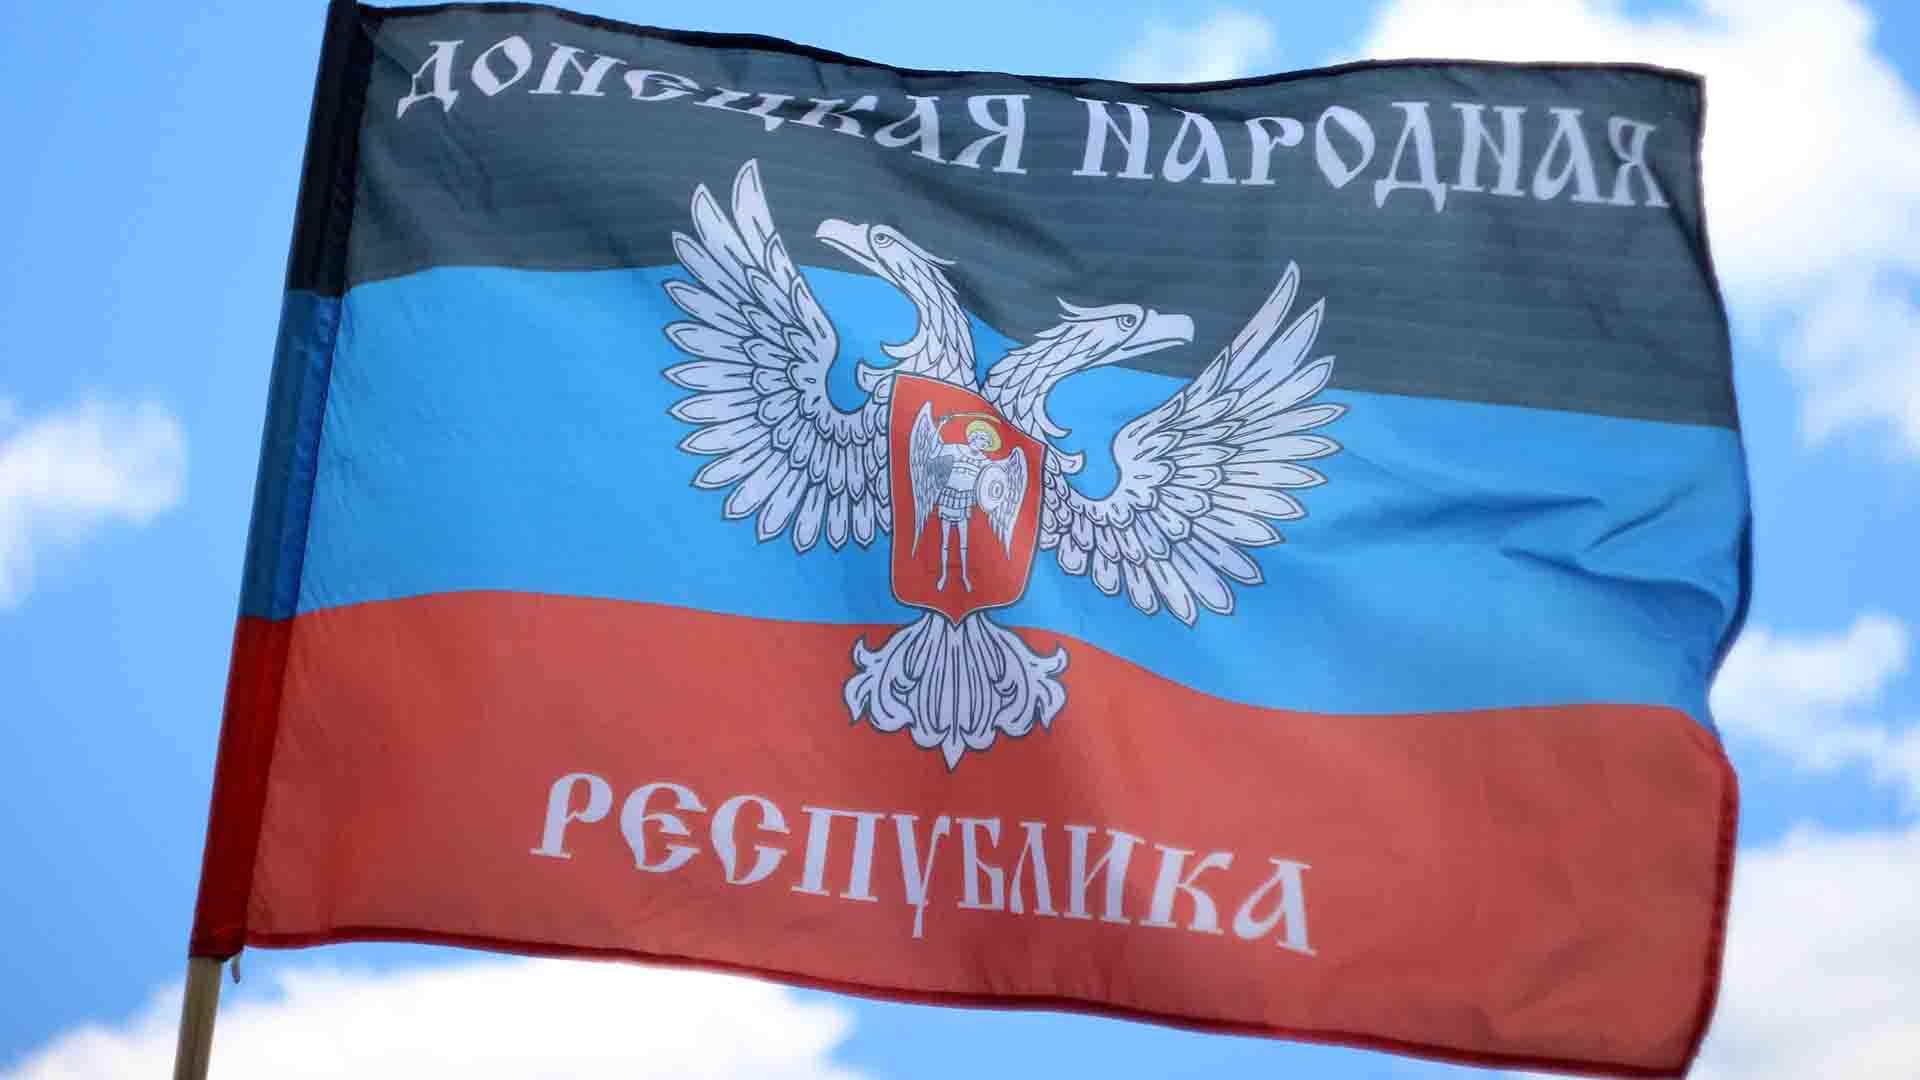 ДНР откроет свое представительство в Турции - МИД